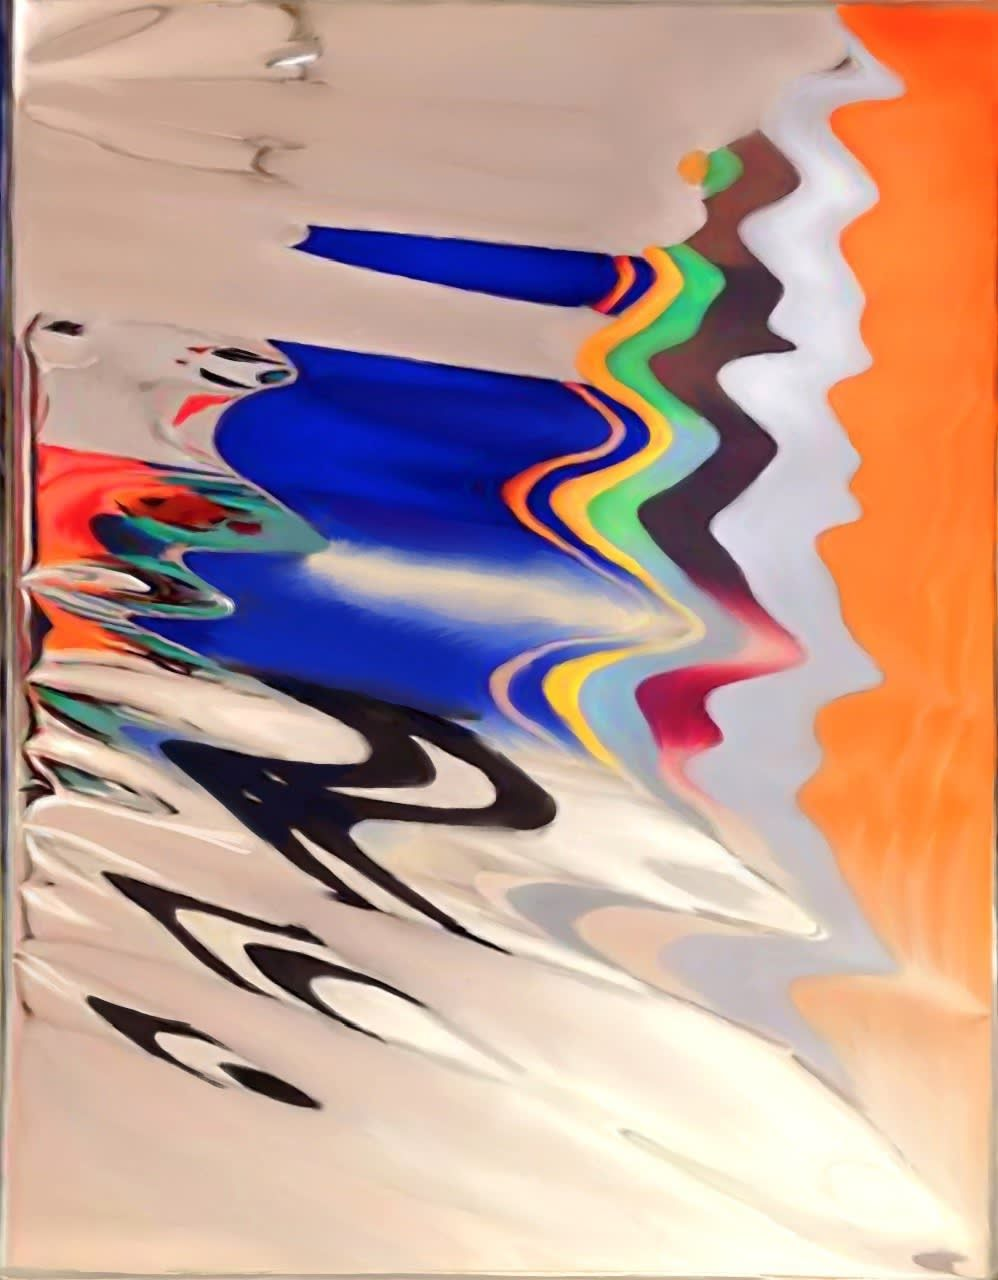 Selfridges Selfie by Gioele Amaro (Image: Cuturi Gallery)